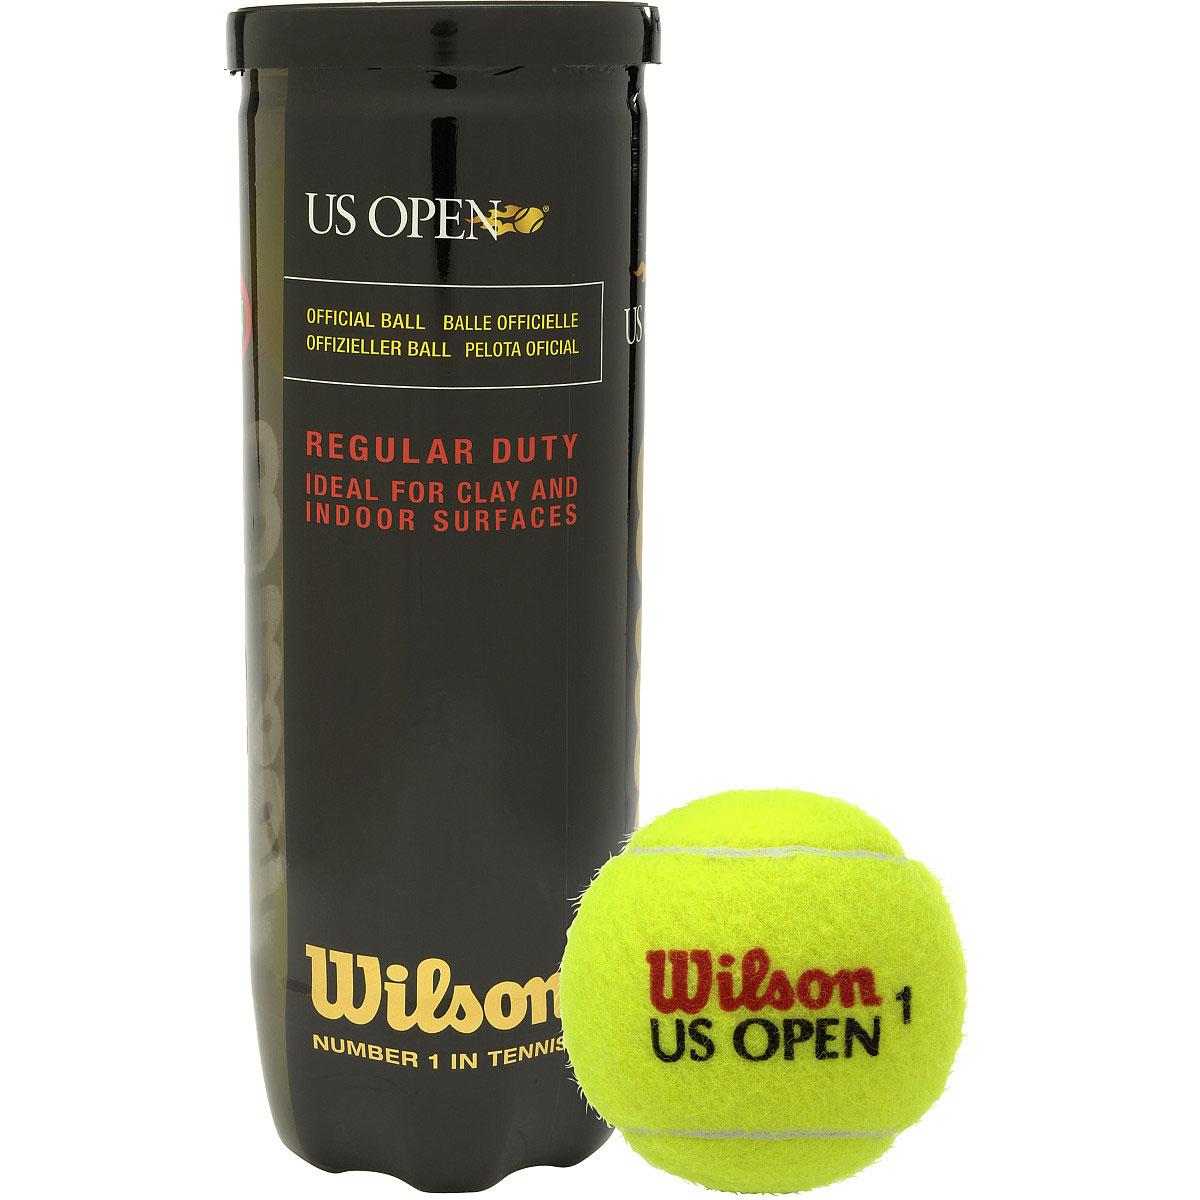 Bola de tênis Wilson US Open Regular Duty